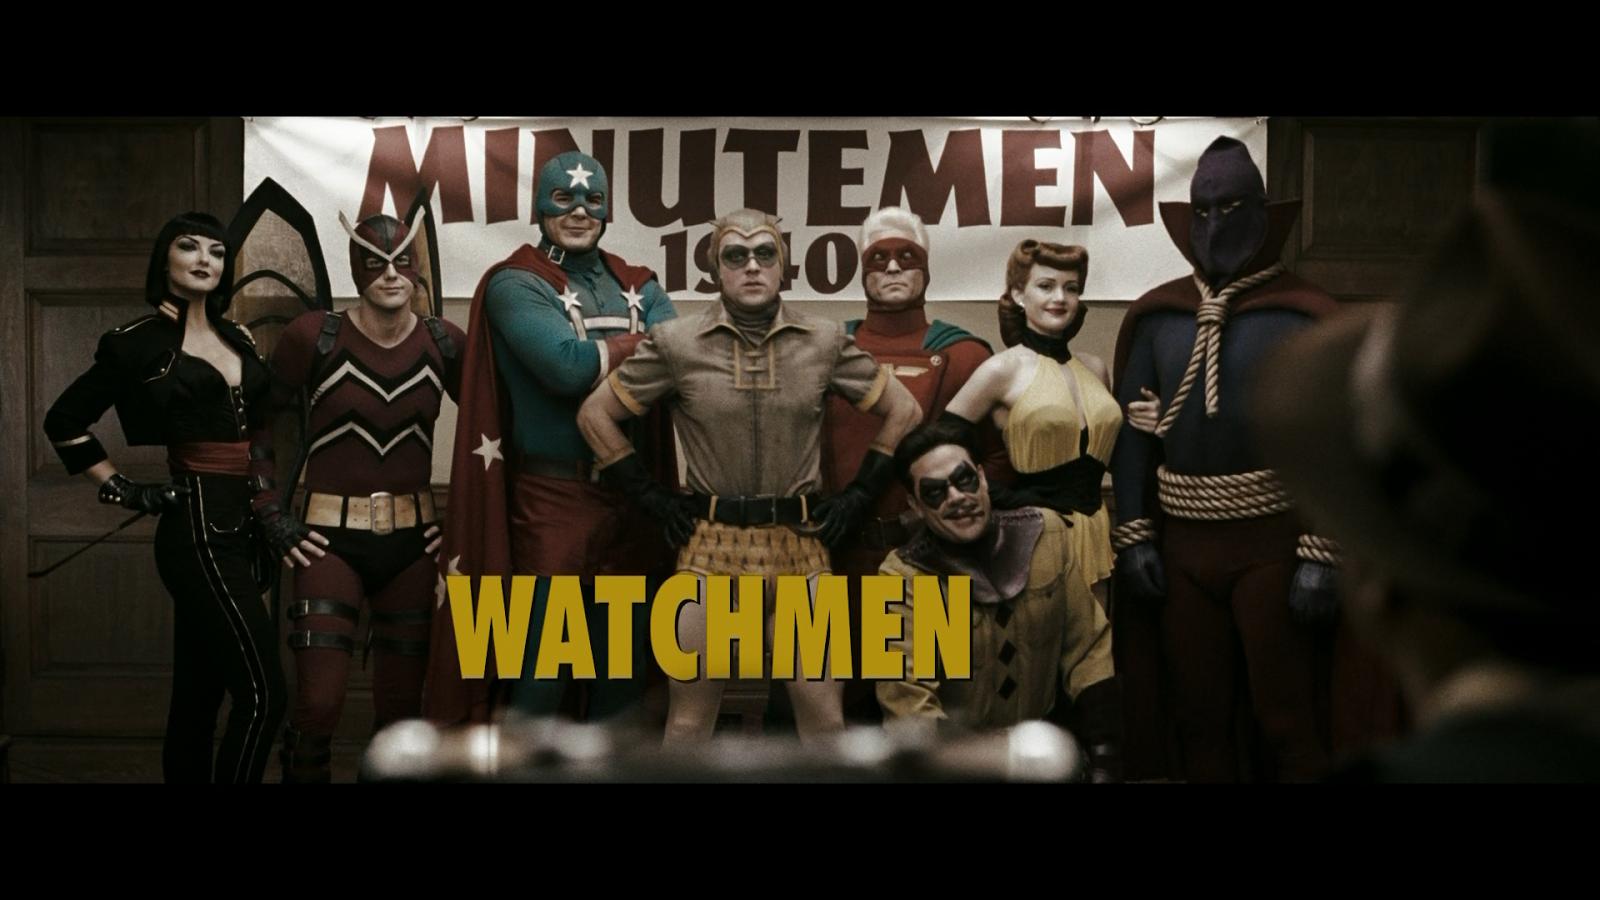 http://1.bp.blogspot.com/-xaEptIdVAHo/VhVlItqdXDI/AAAAAAAAW24/R7g8MyIbqL8/s1600/watchmen_2568.png